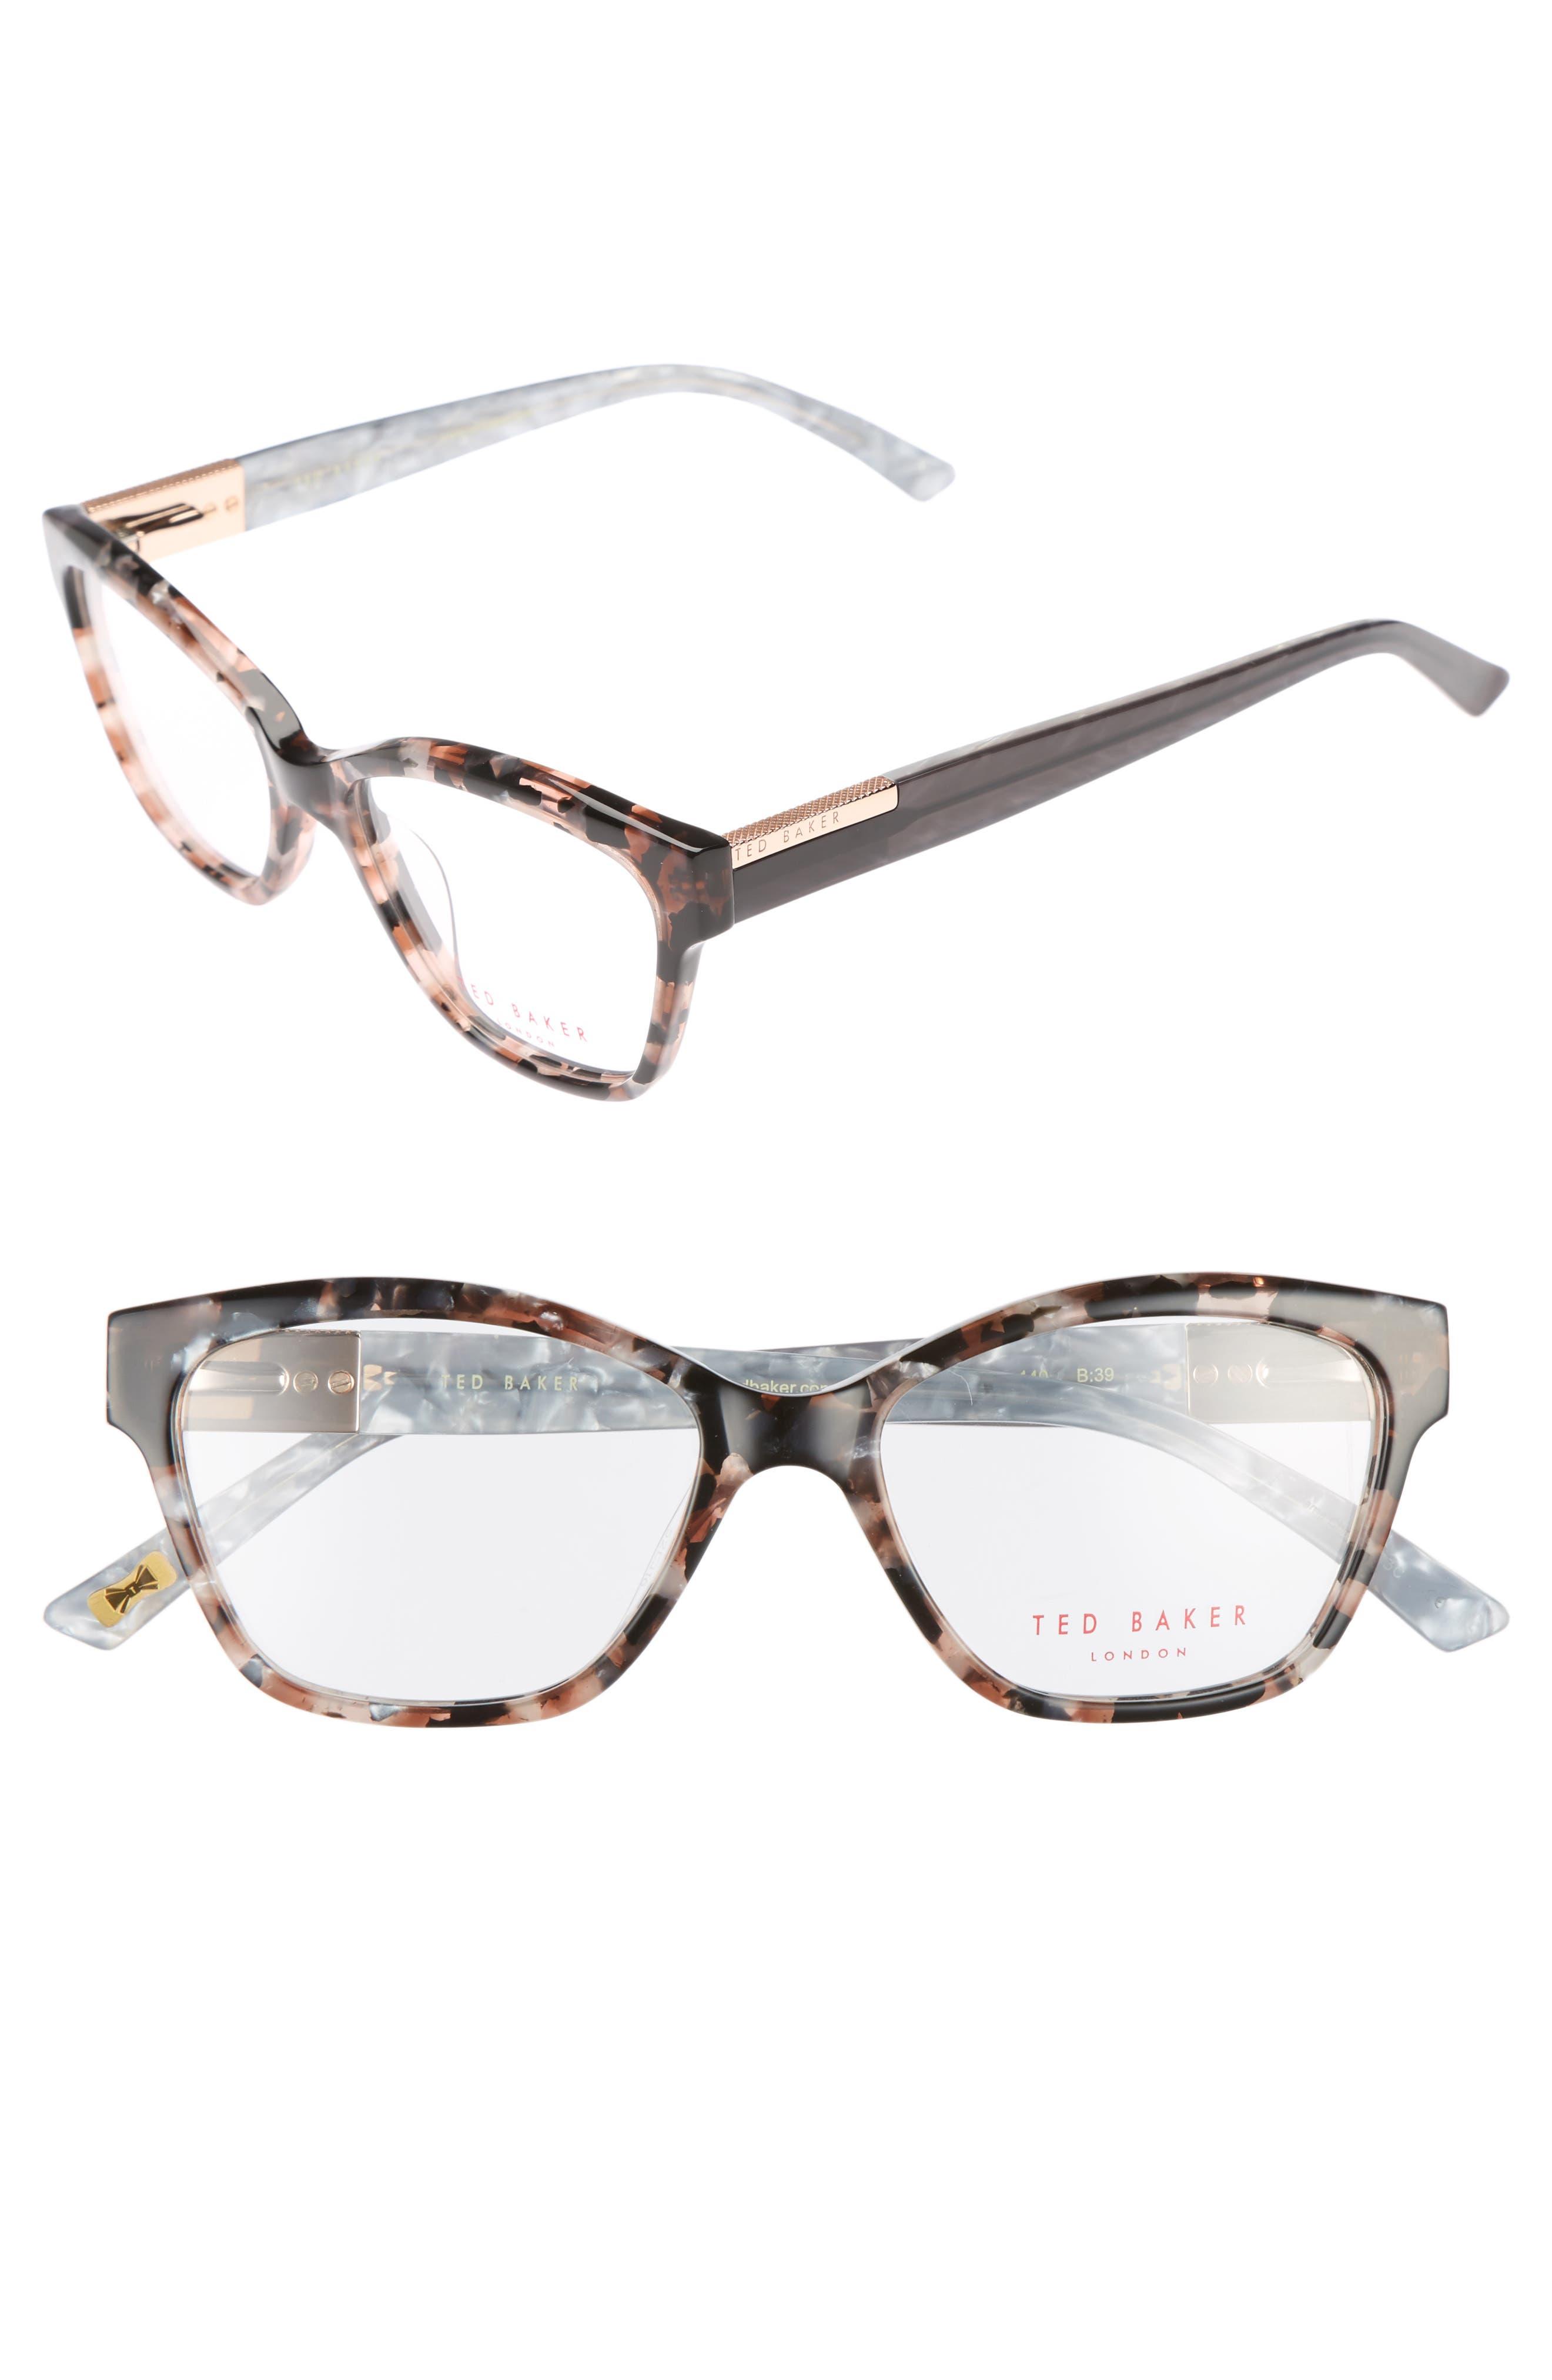 Main Image - Ted Baker London 52mm Optical Cat Eye Glasses